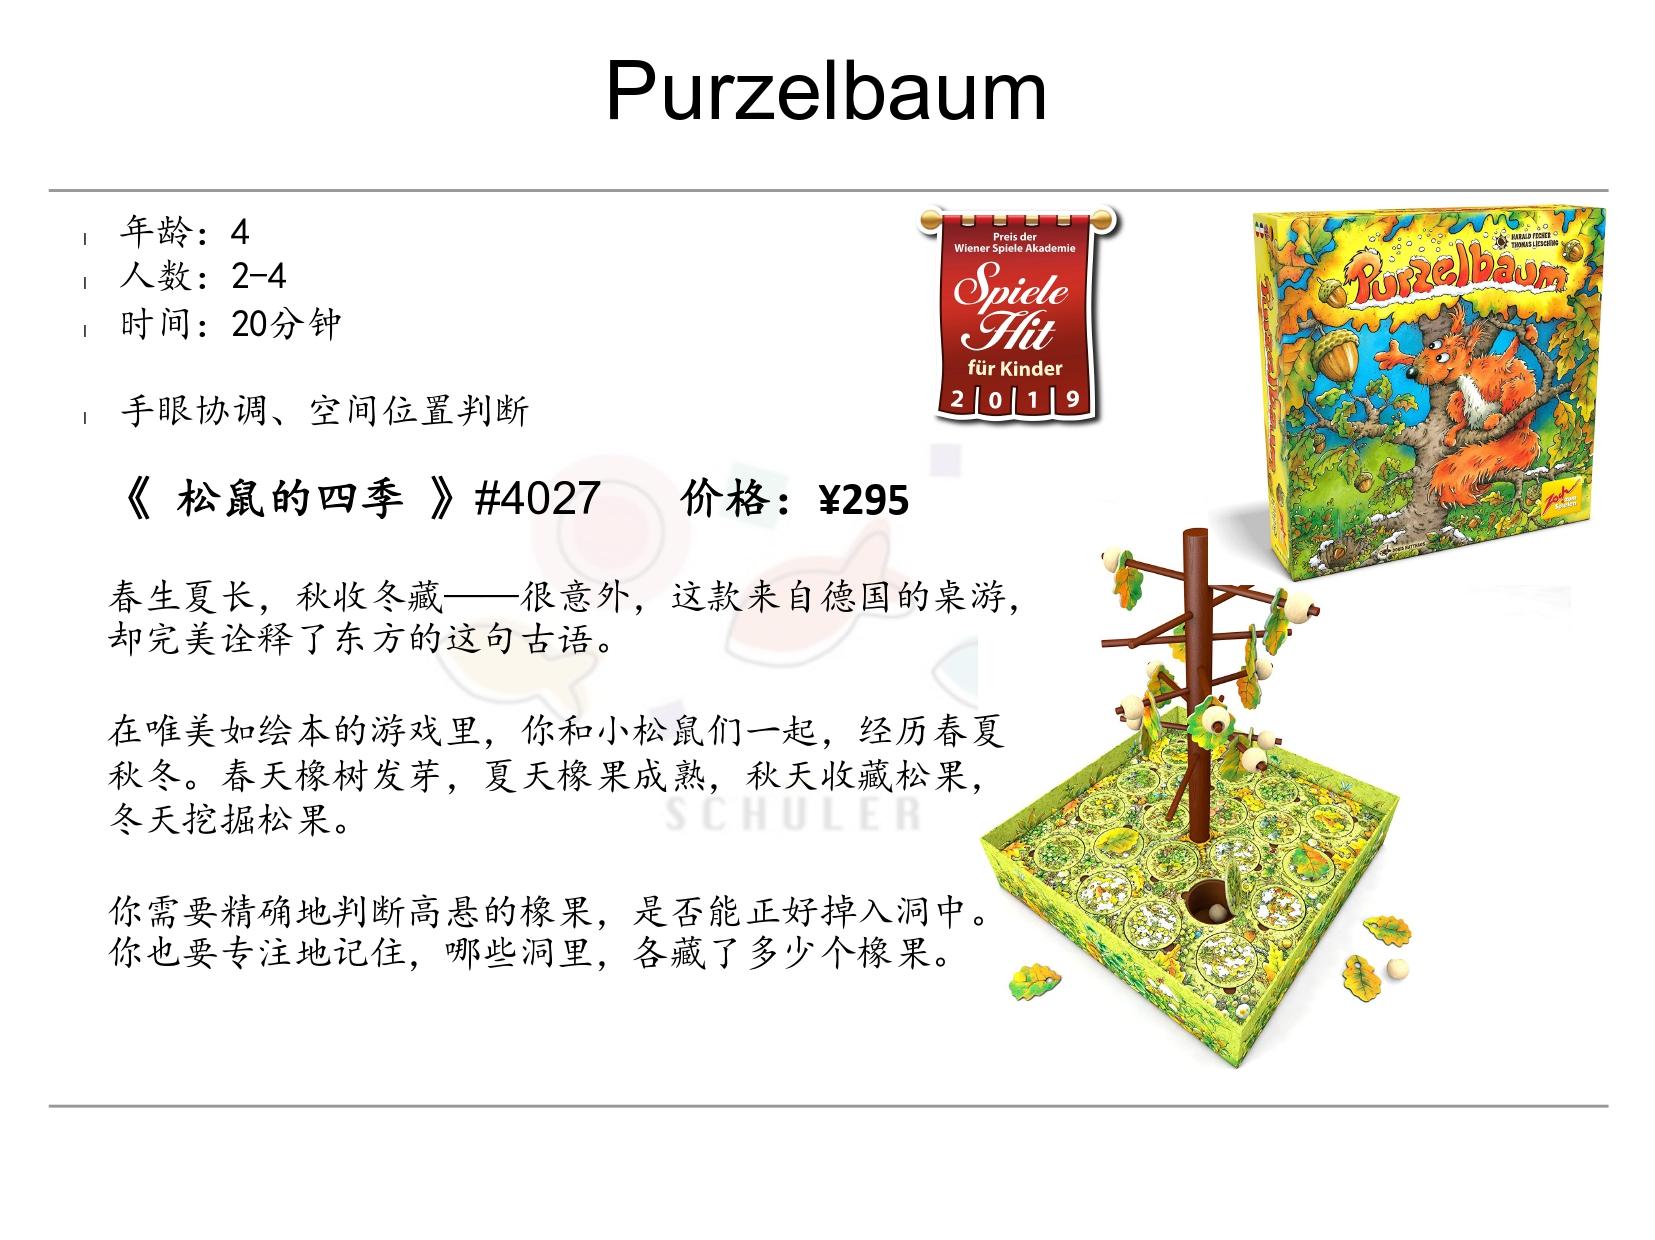 Purzelbaum 松鼠的四季